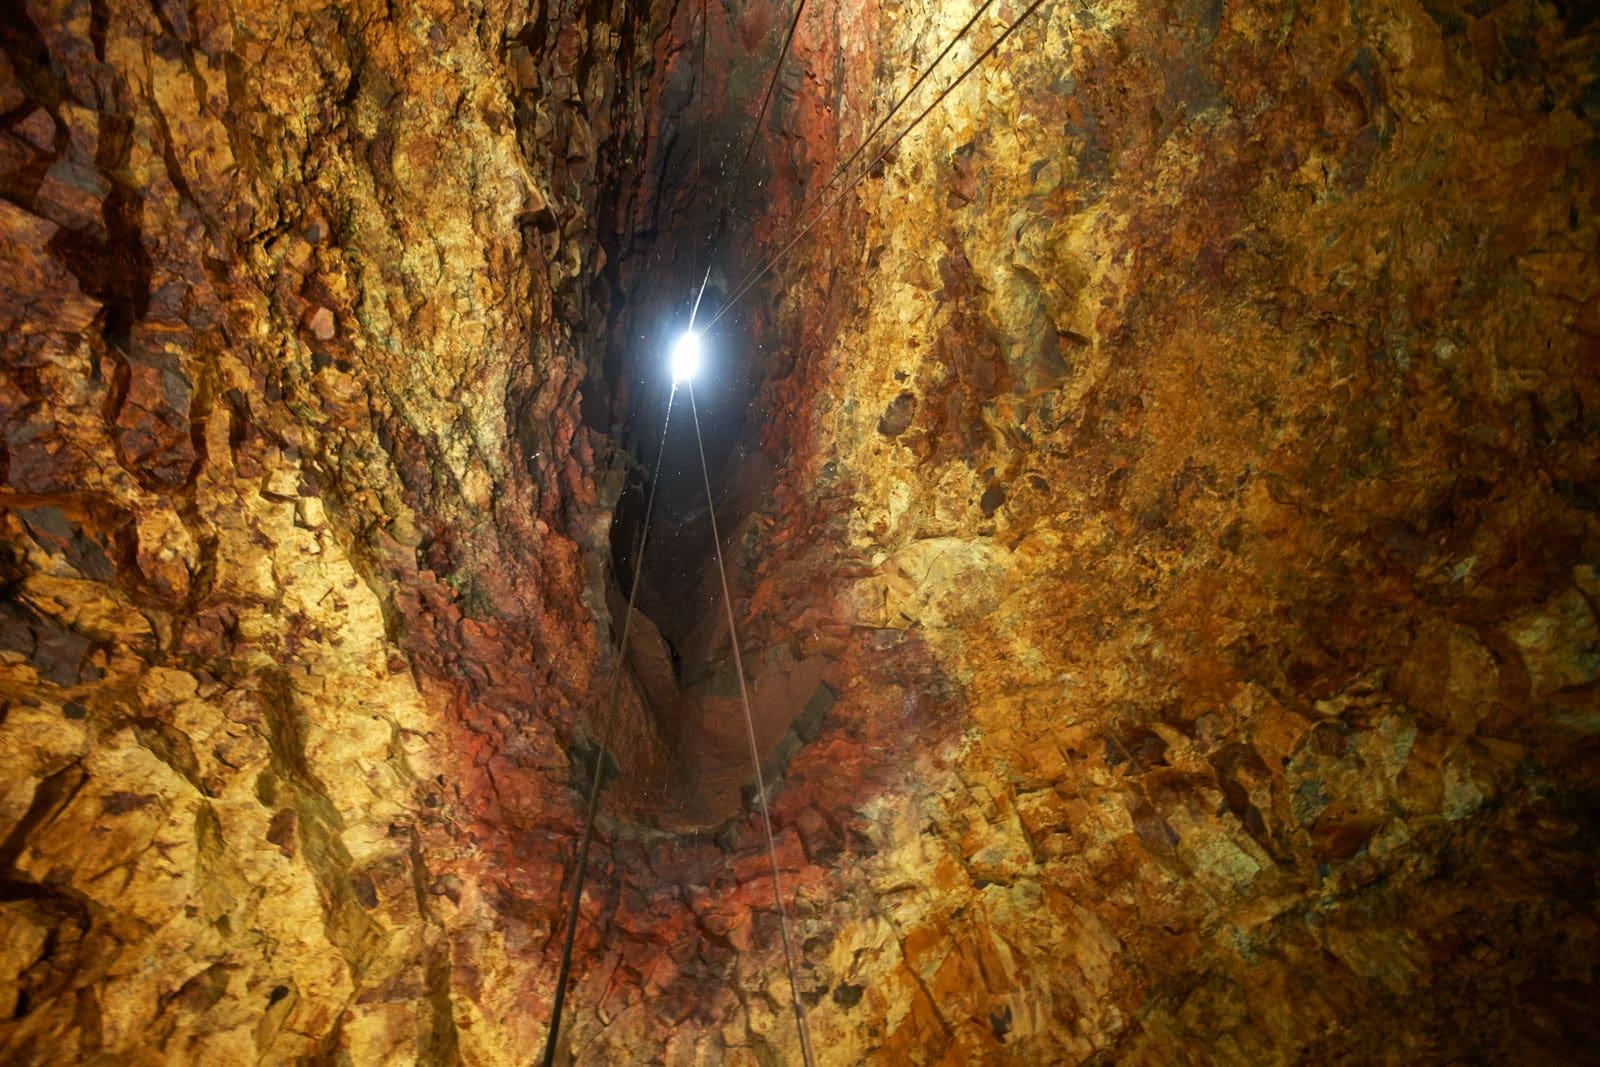 Blick aus dem Inneren eines Vulkans in Richtung Ausgang